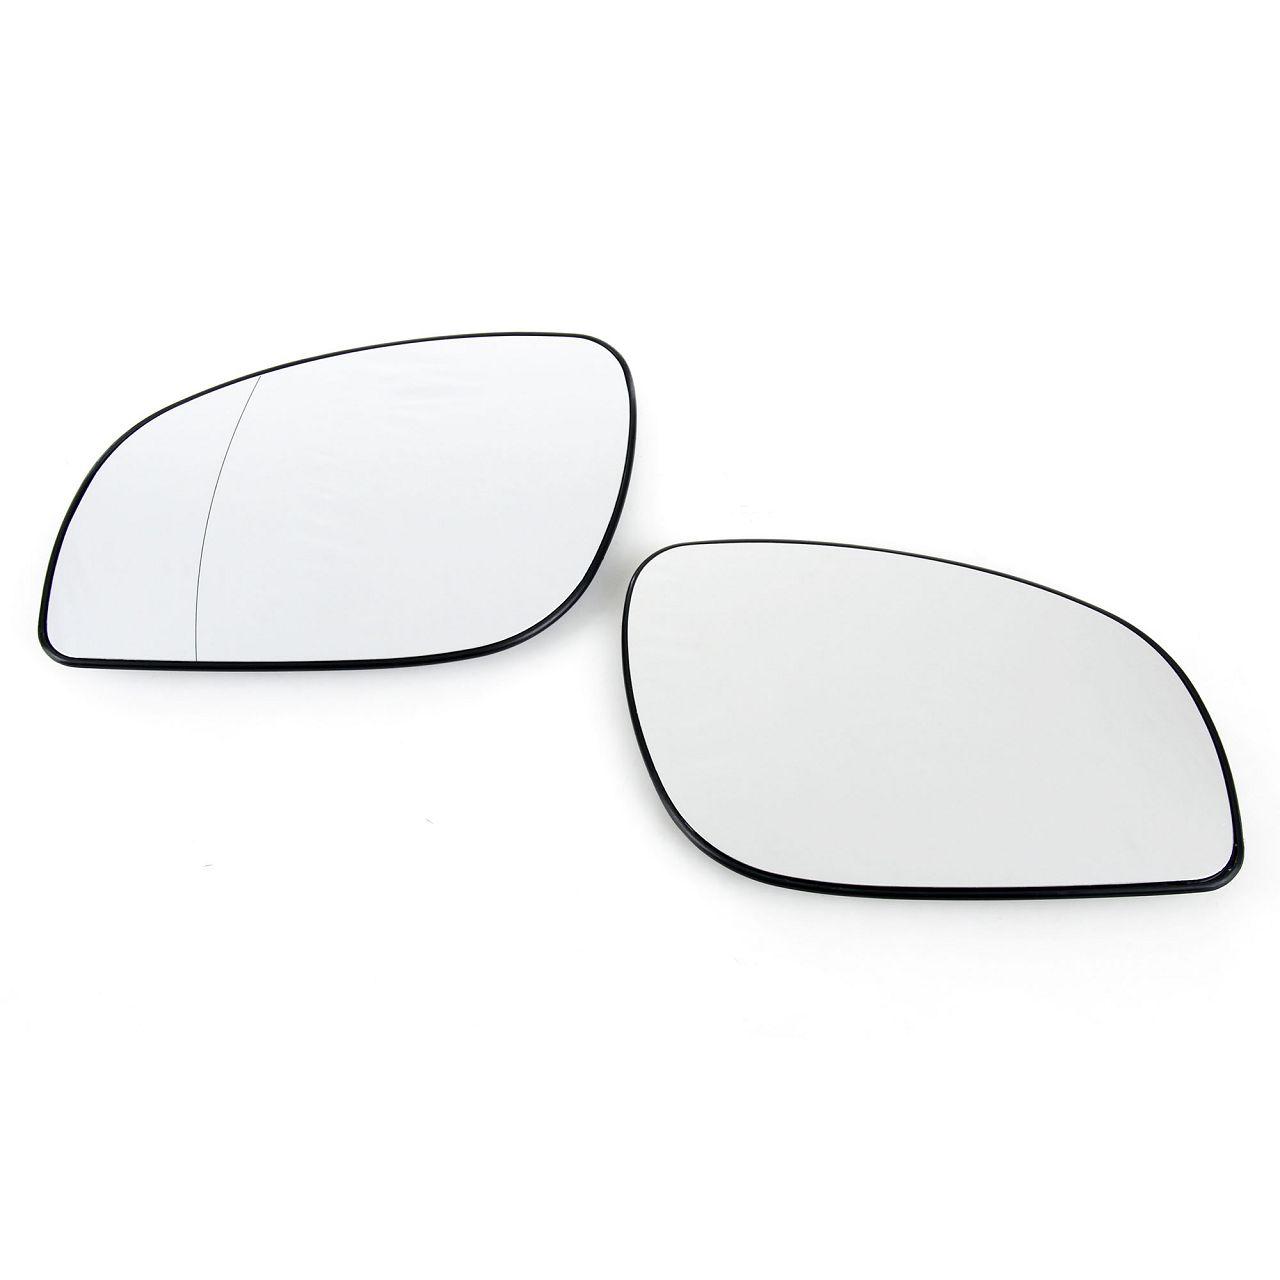 2x Außenspiegel Spiegelglas ELEKTRISCH für OPEL Signum Vectra C links + rechts